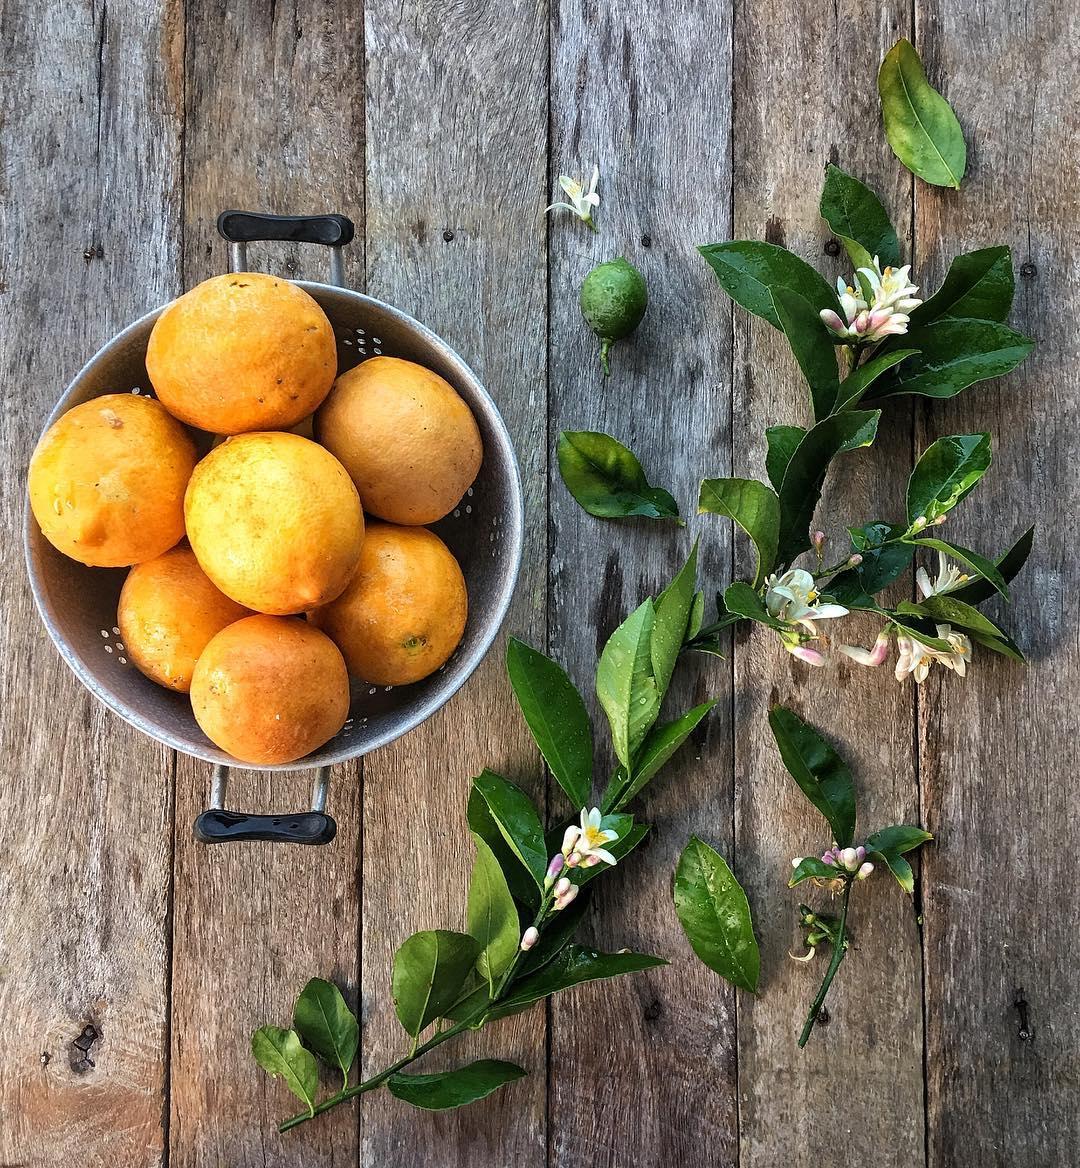 laranjas com folhas e flores em uma peneira em um fundo de prancha rústica